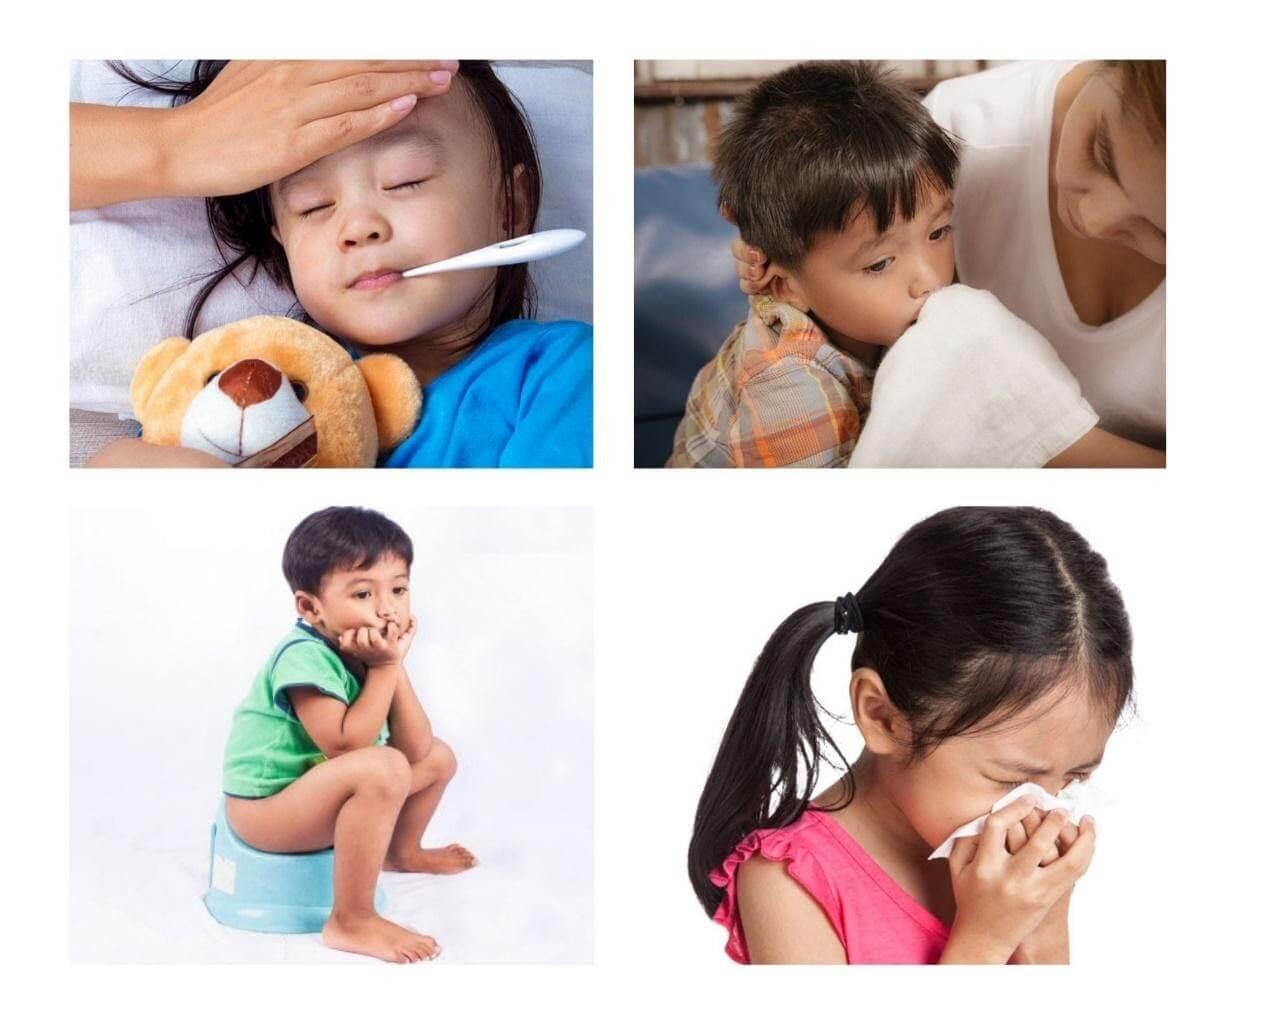 Trẻ biếng ăn thường xuyên bị ốm do suy giảm sức đề kháng